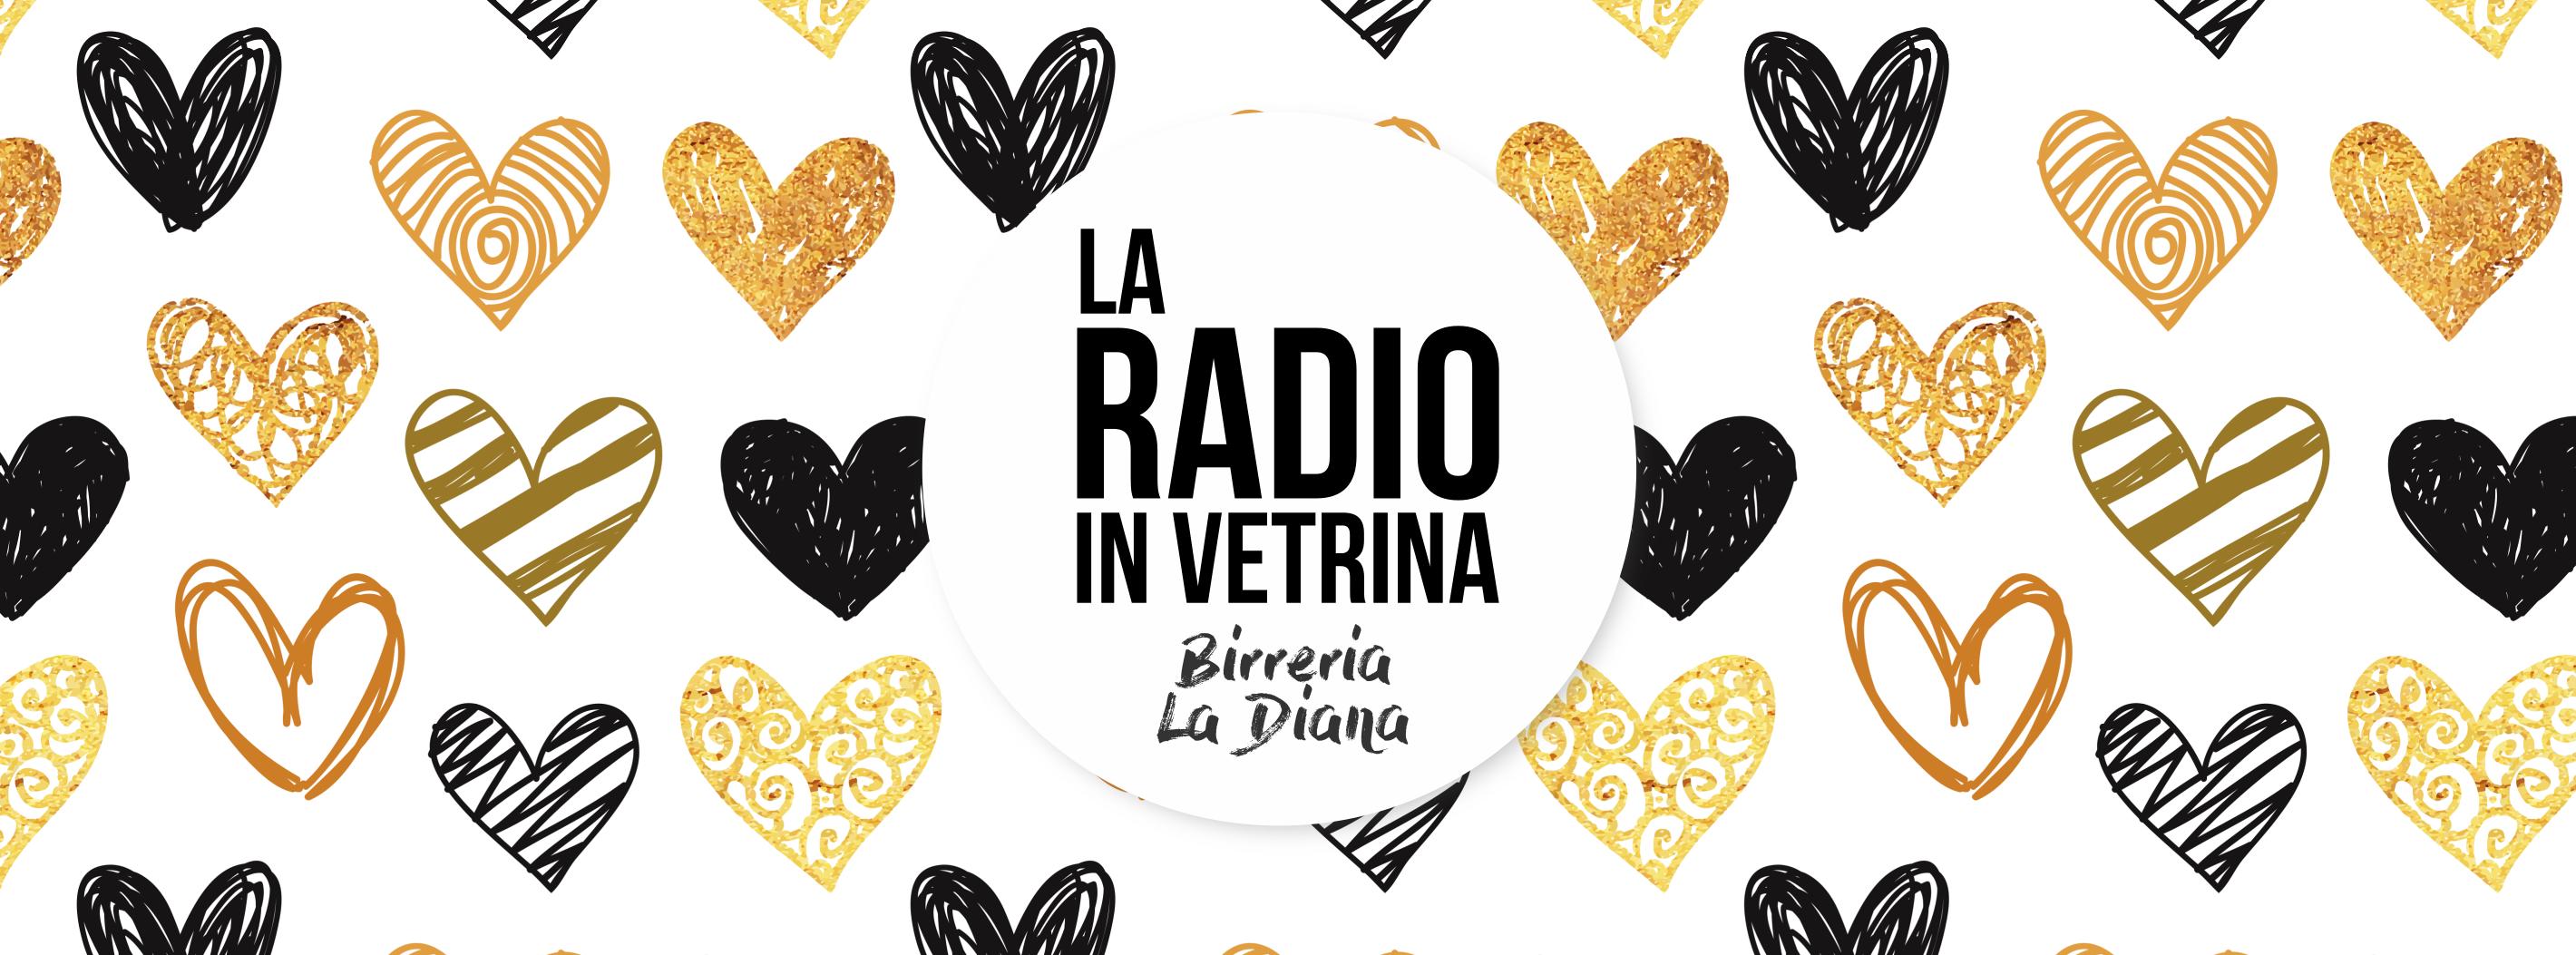 la-radio-in-vetrina-slide-la-diana-valentine